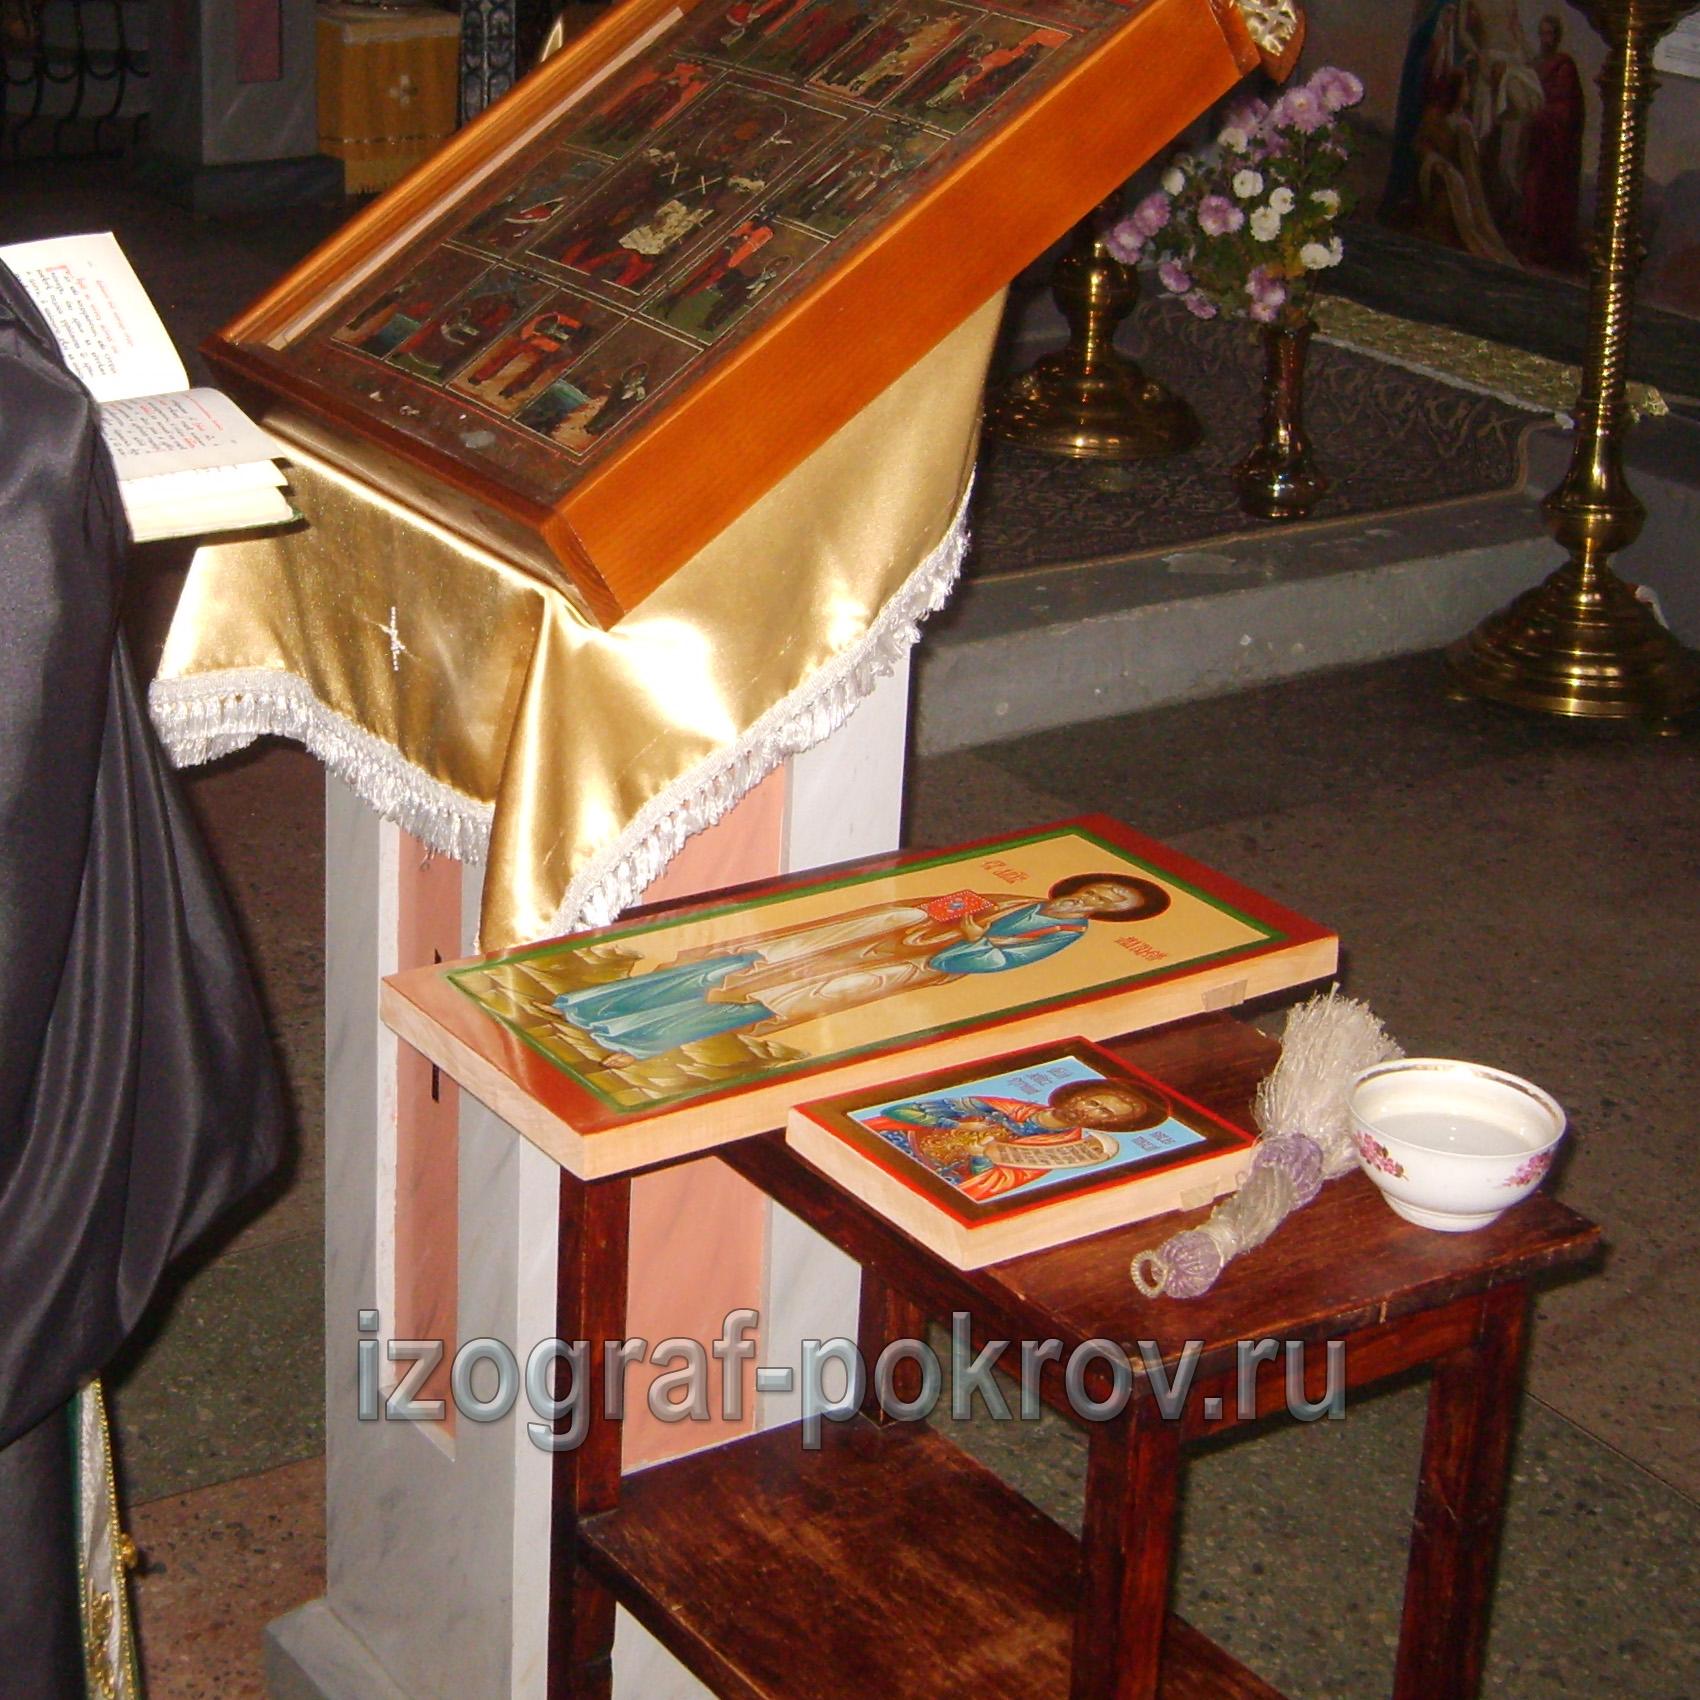 Готовые иконы евангелиста Матфея и Евгения Севантийского освящаются в храме Покрова Пресвятой Богородицы